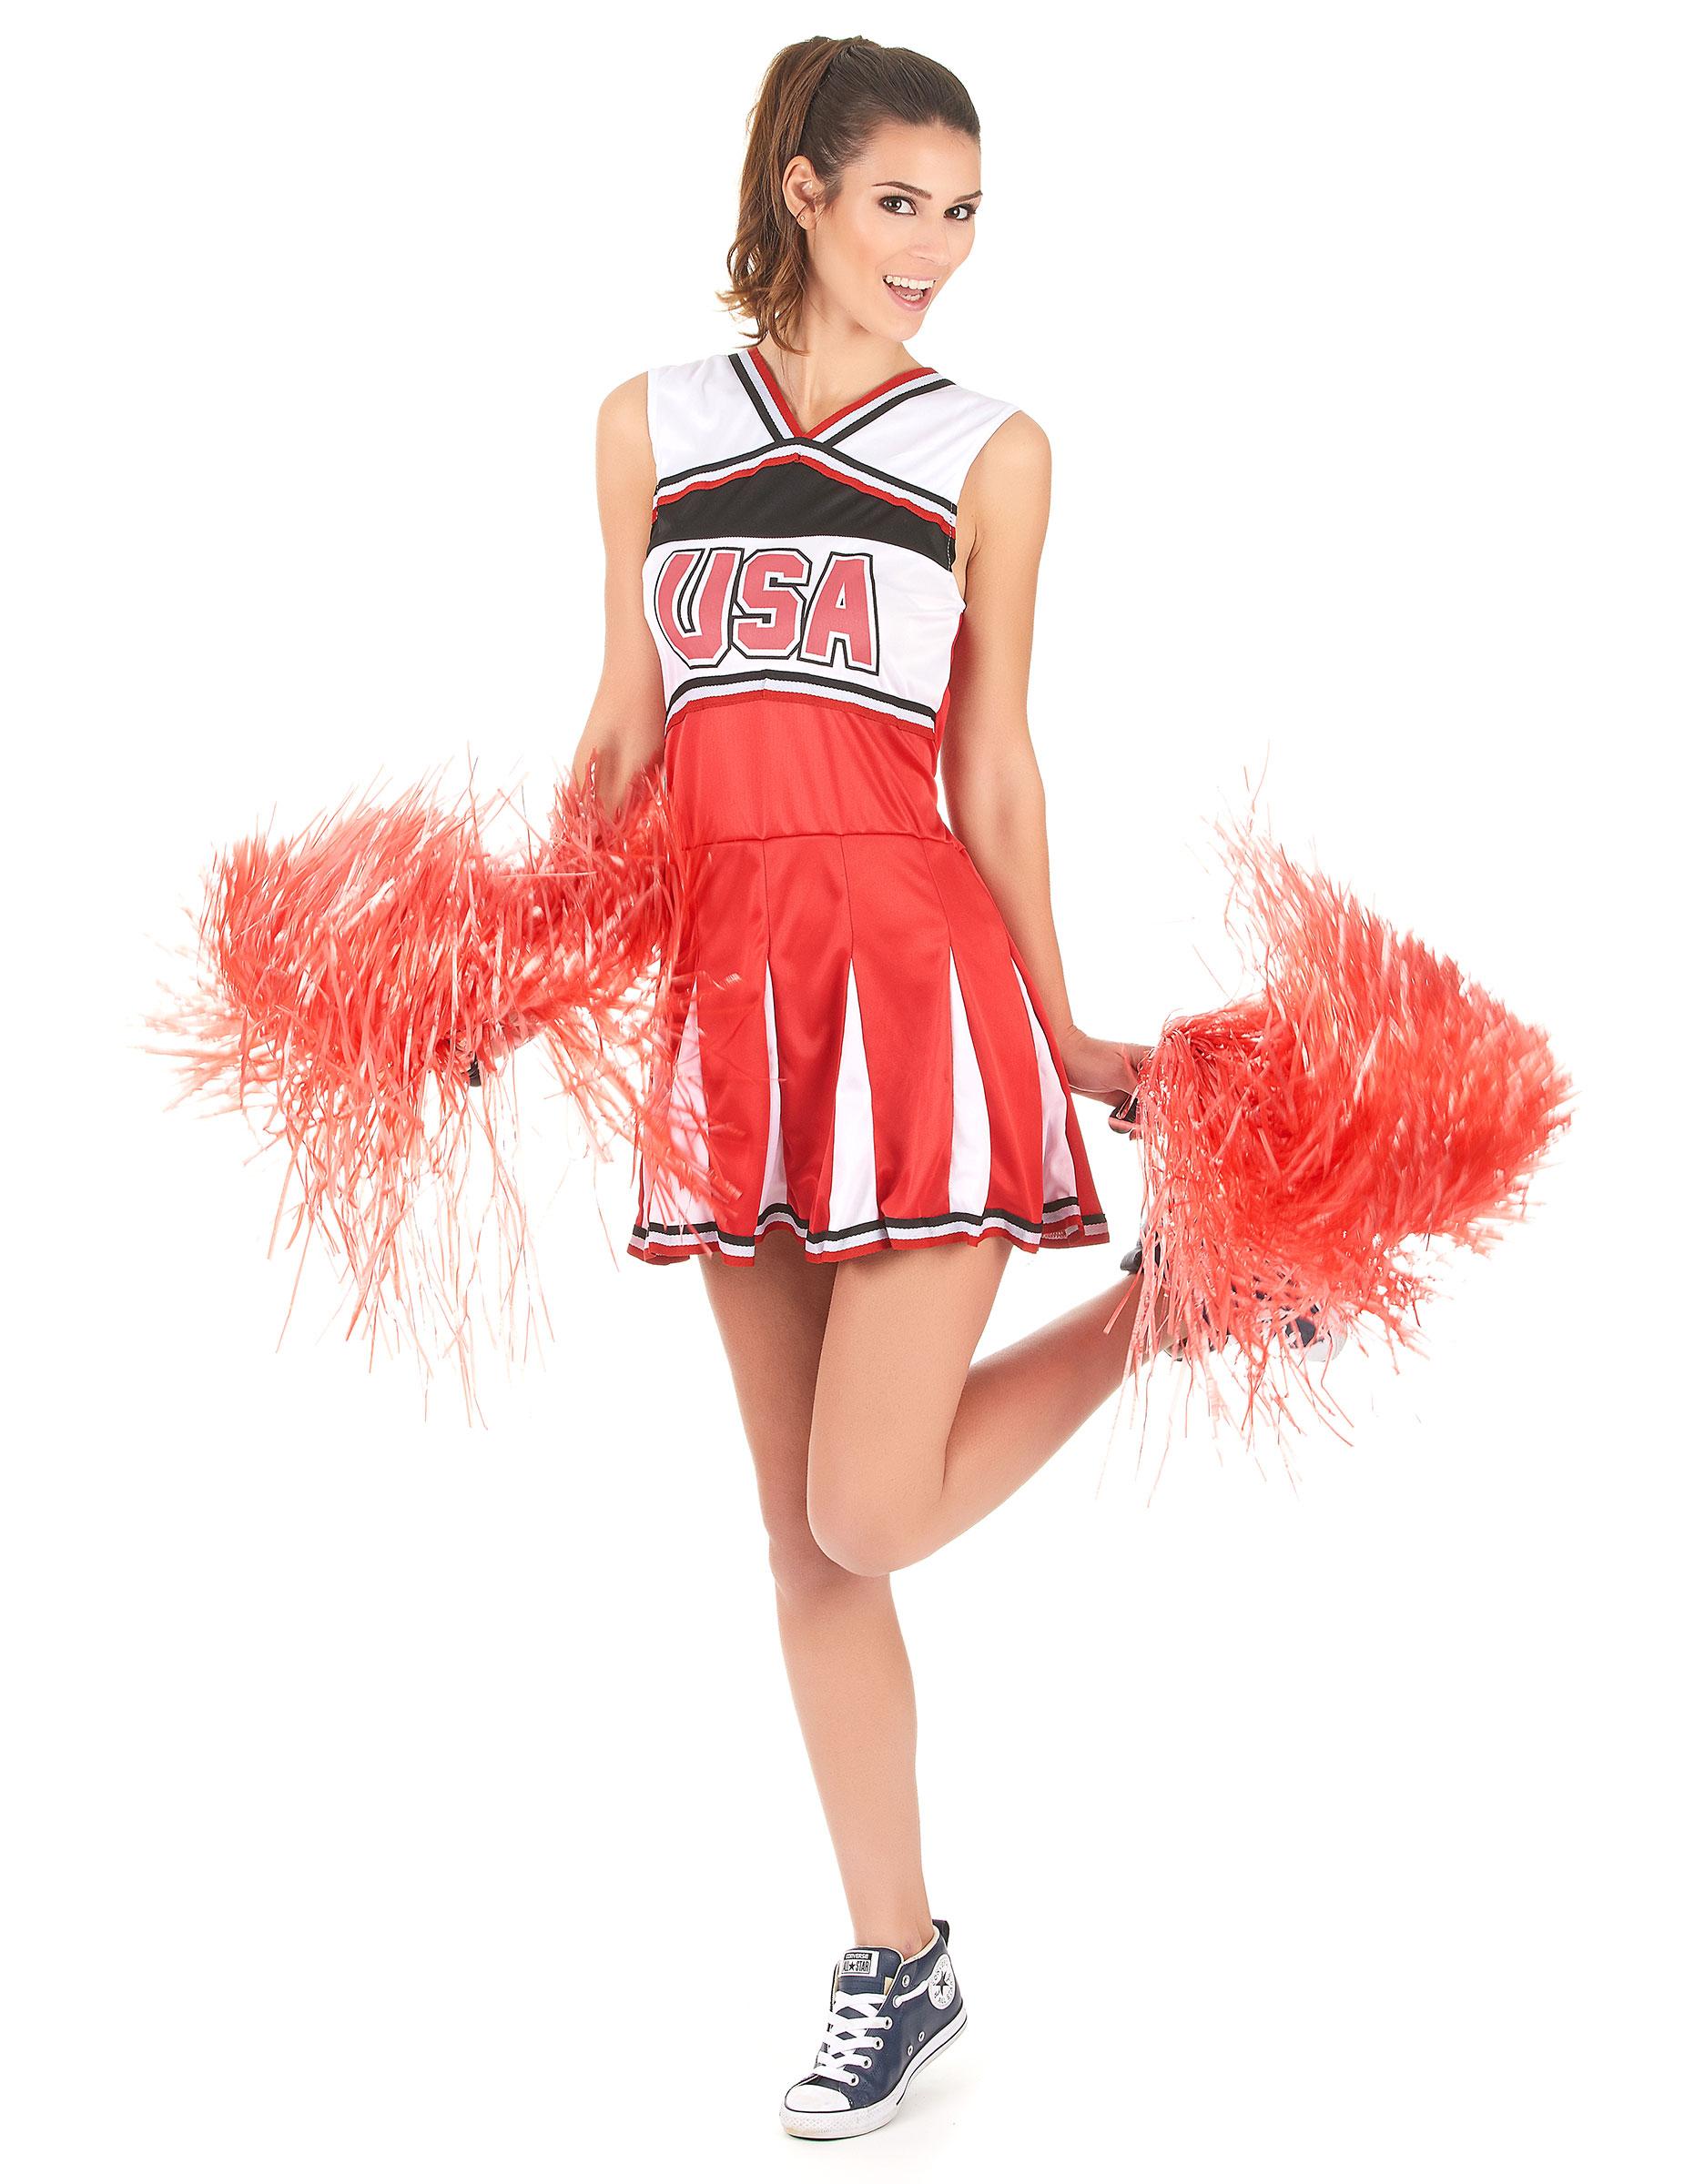 Sportliches Cheerleader Kostum Fur Damen